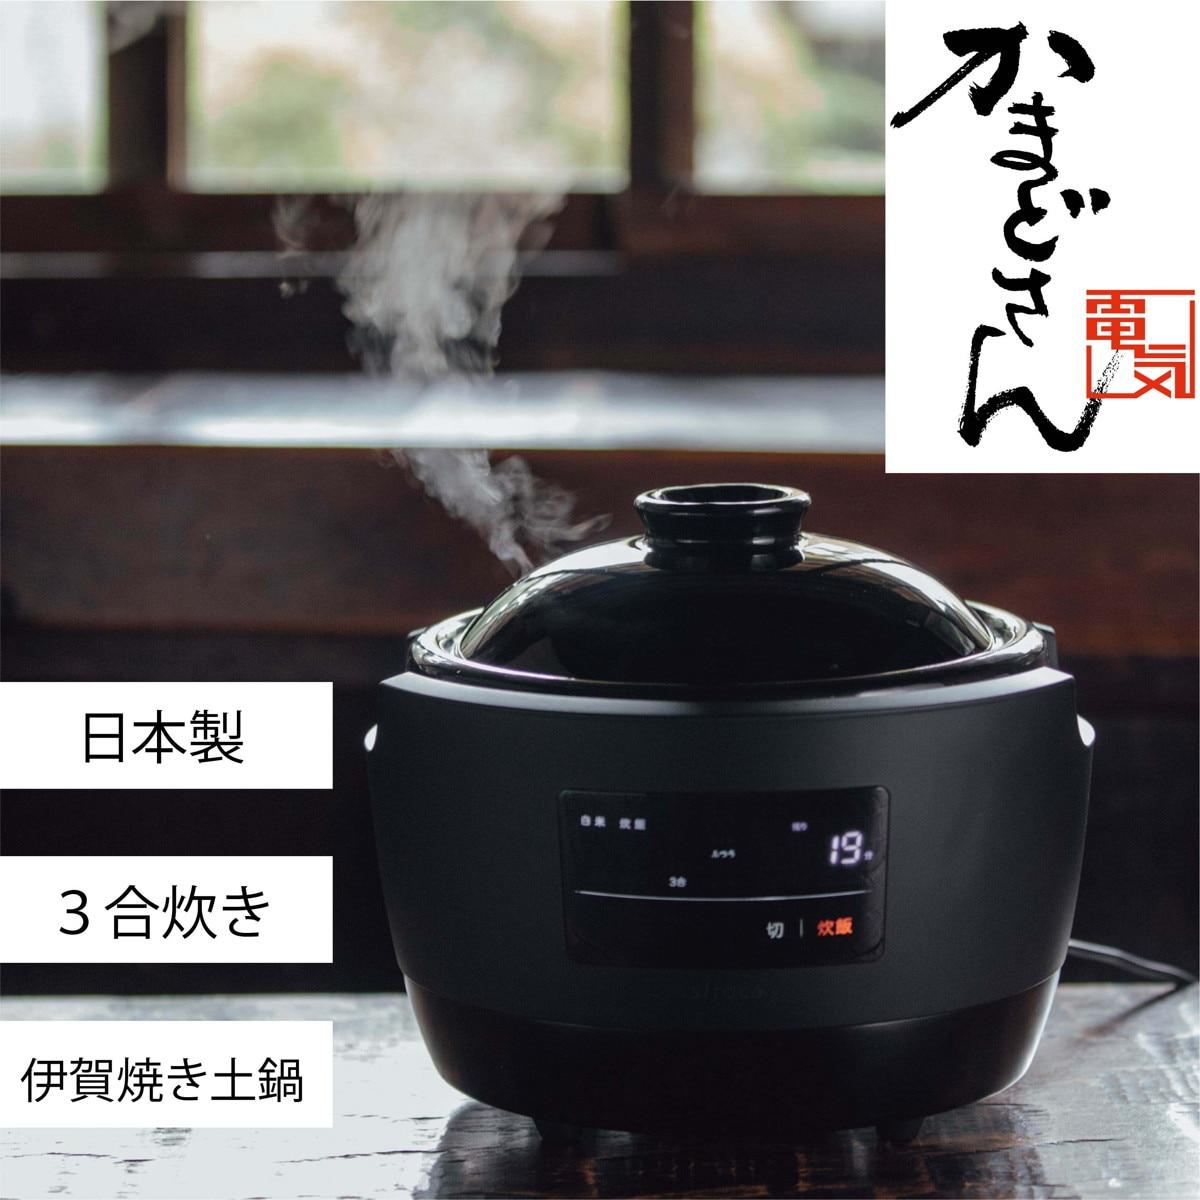 シロカ 長谷園×siroca 全自動炊飯土鍋 かまどさん電気 3合炊き SR-E111(K)